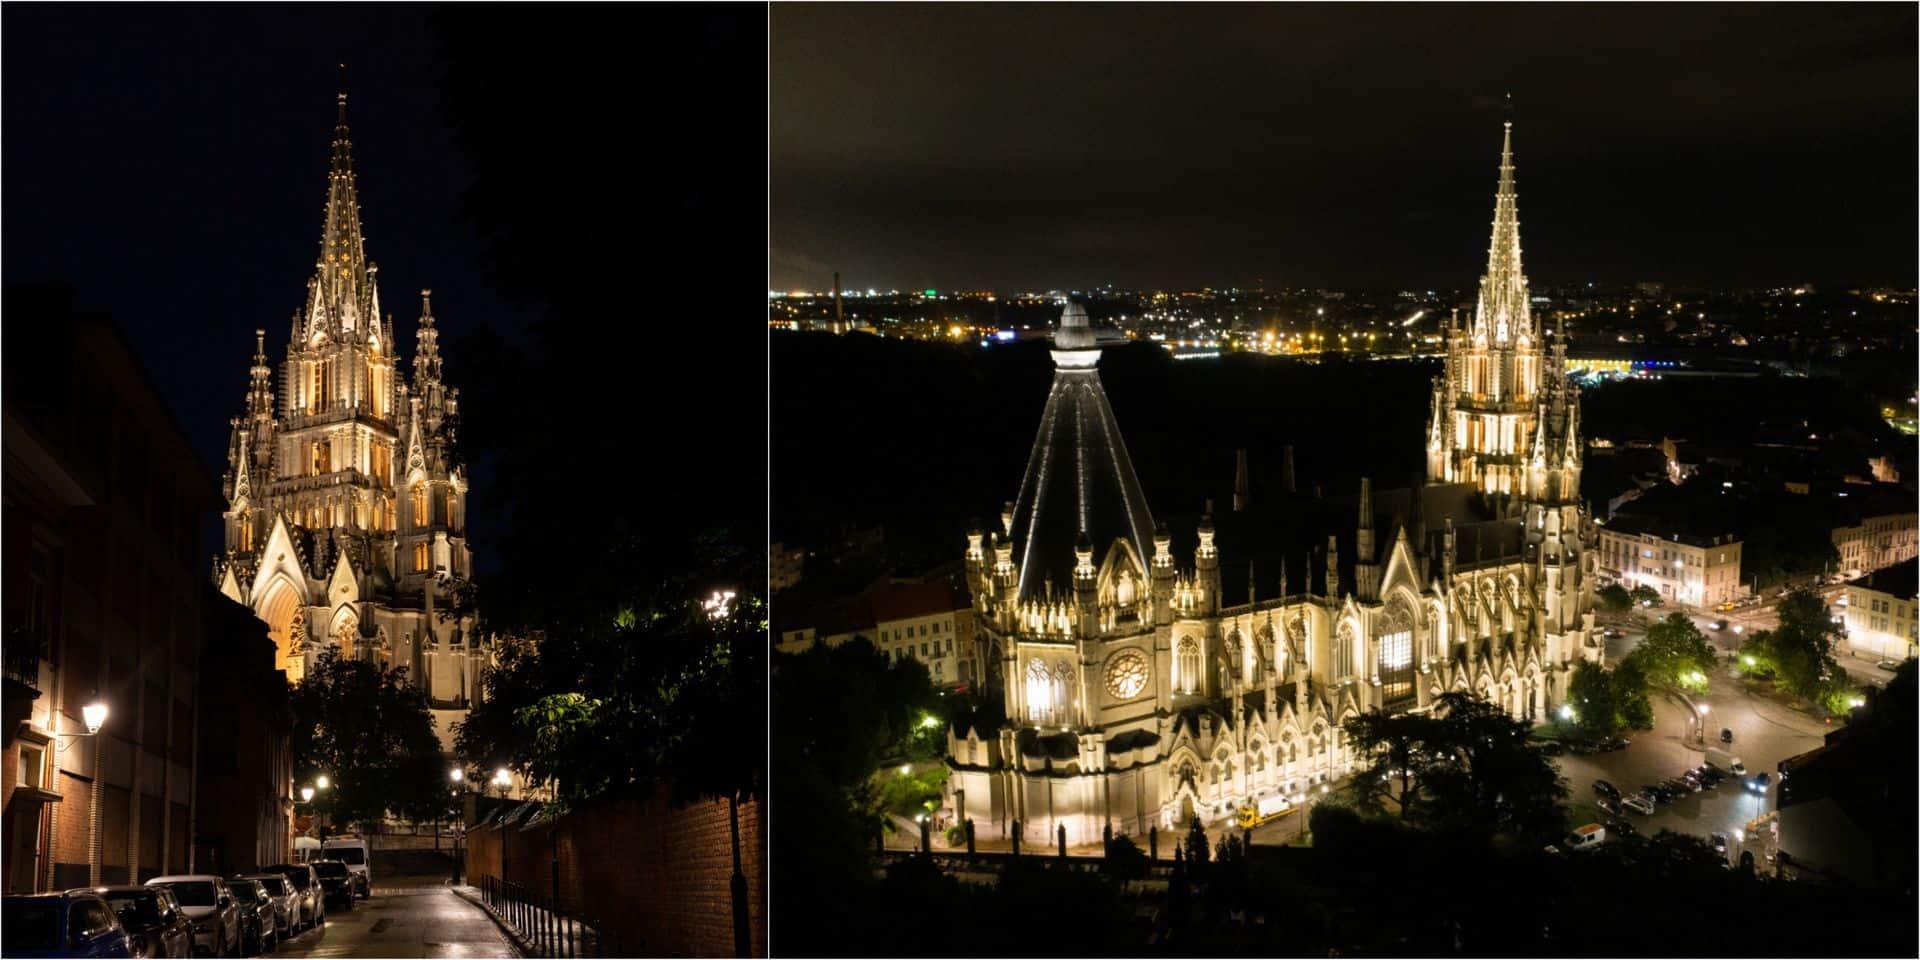 L'Église Notre-Dame de Laeken retrouve sa splendeur nocturne grâce à un nouvel éclairage (photos)